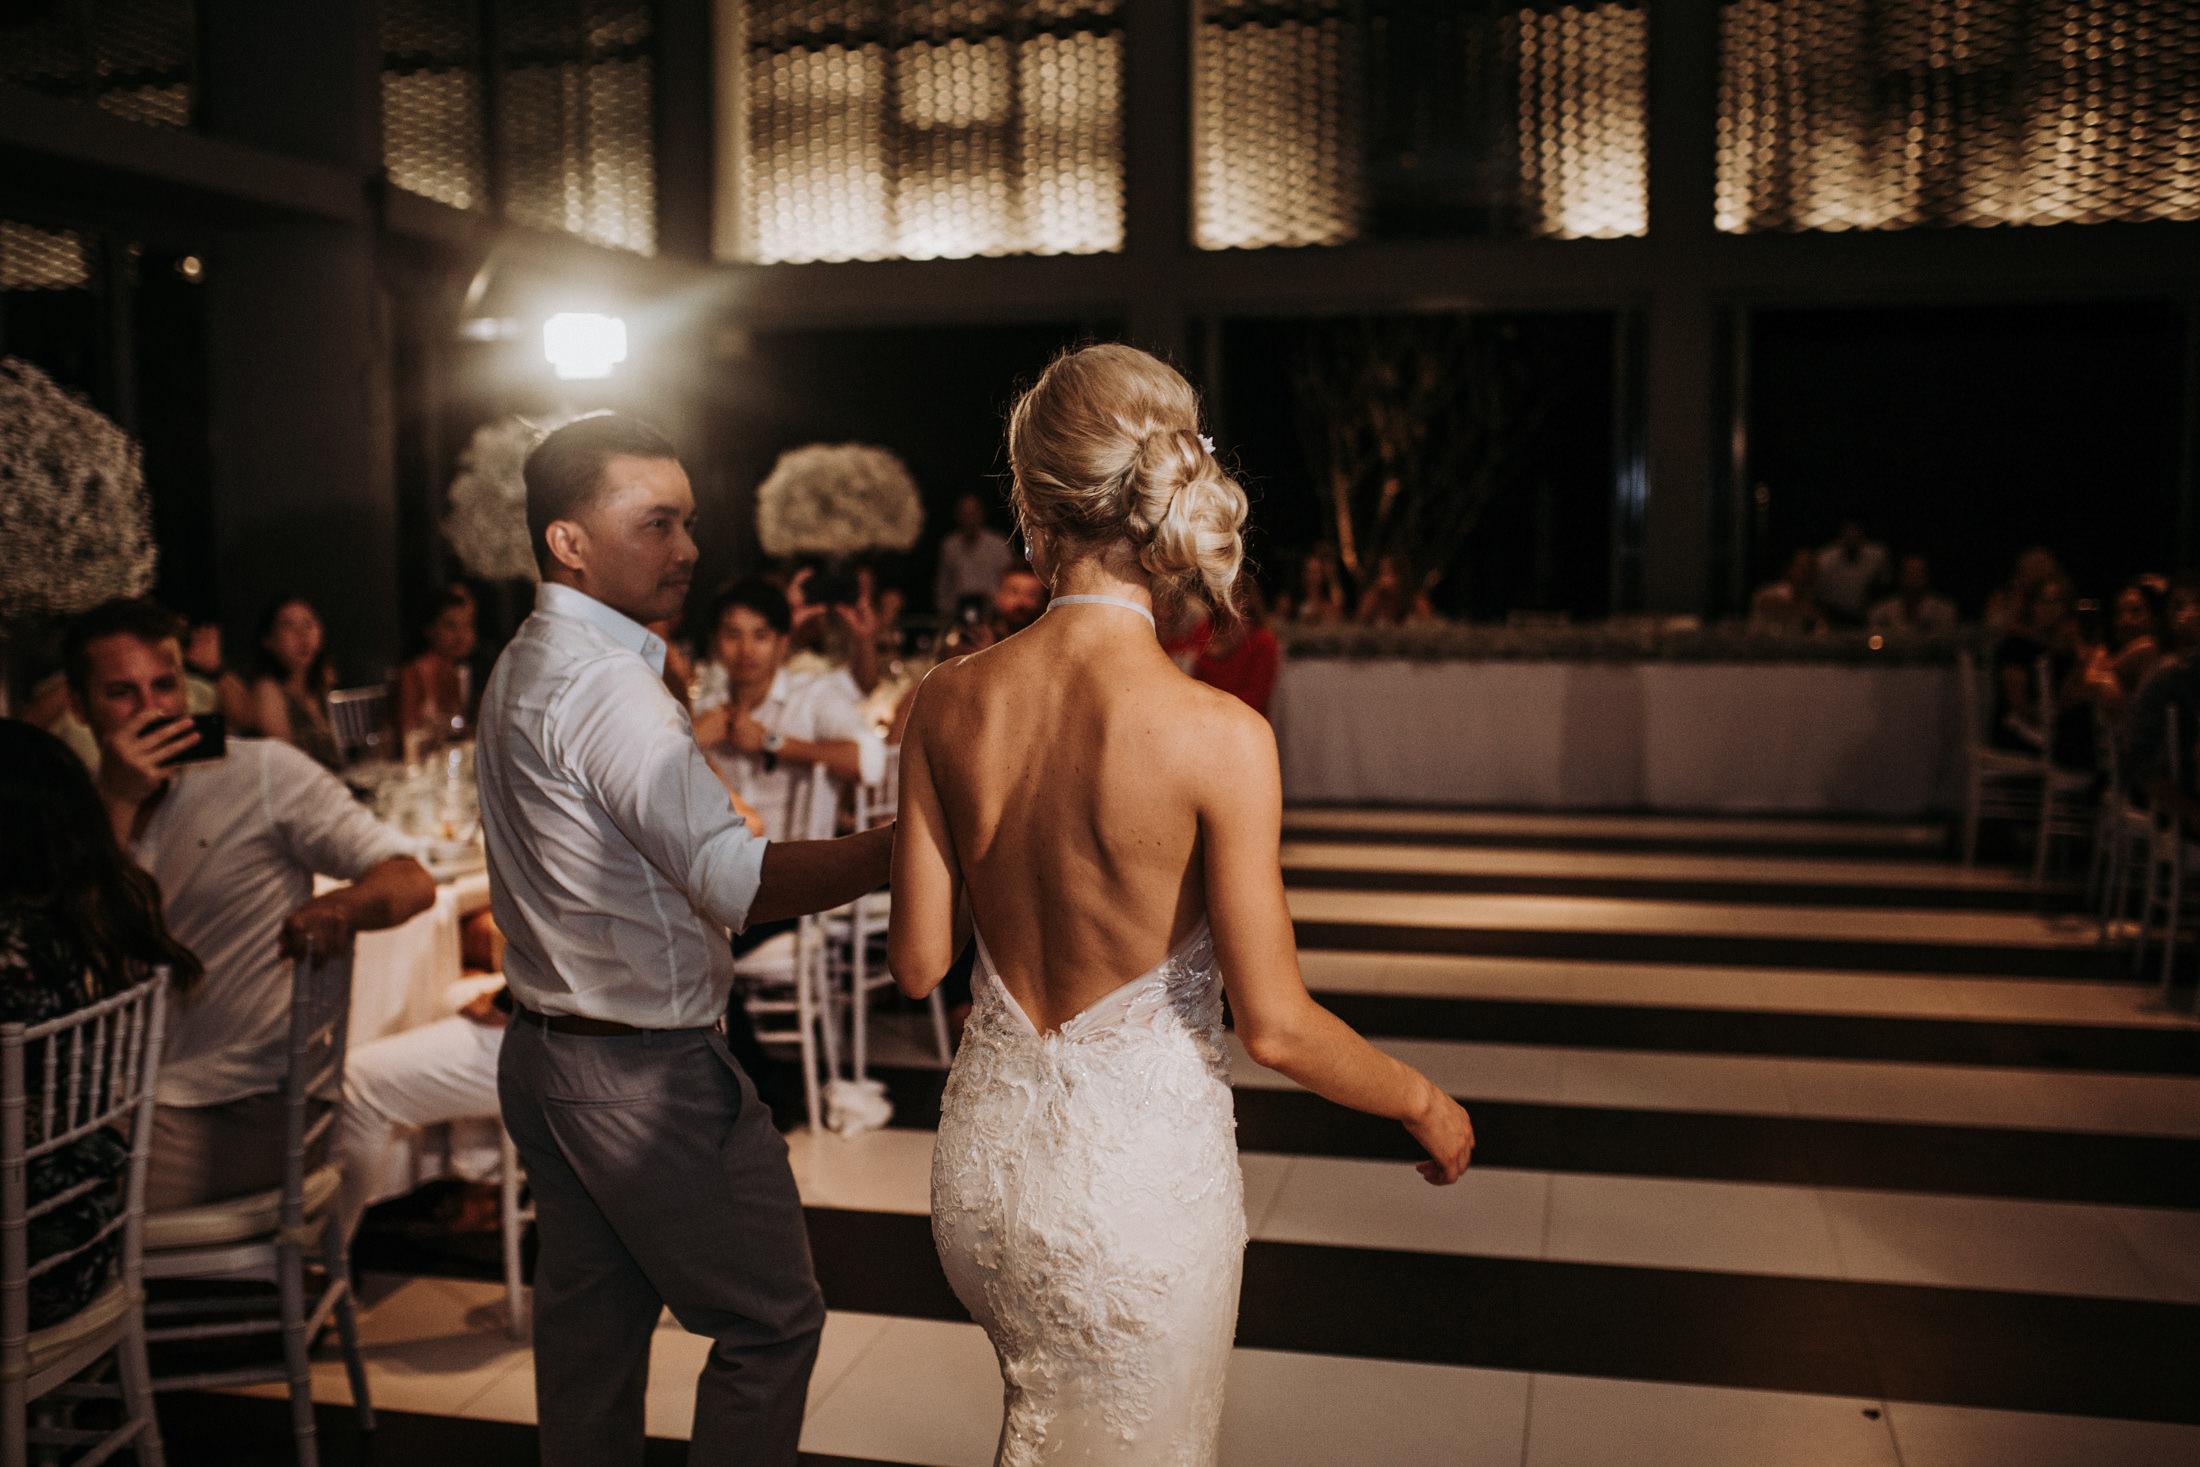 DanielaMarquardt_Wedding_Thailand_406